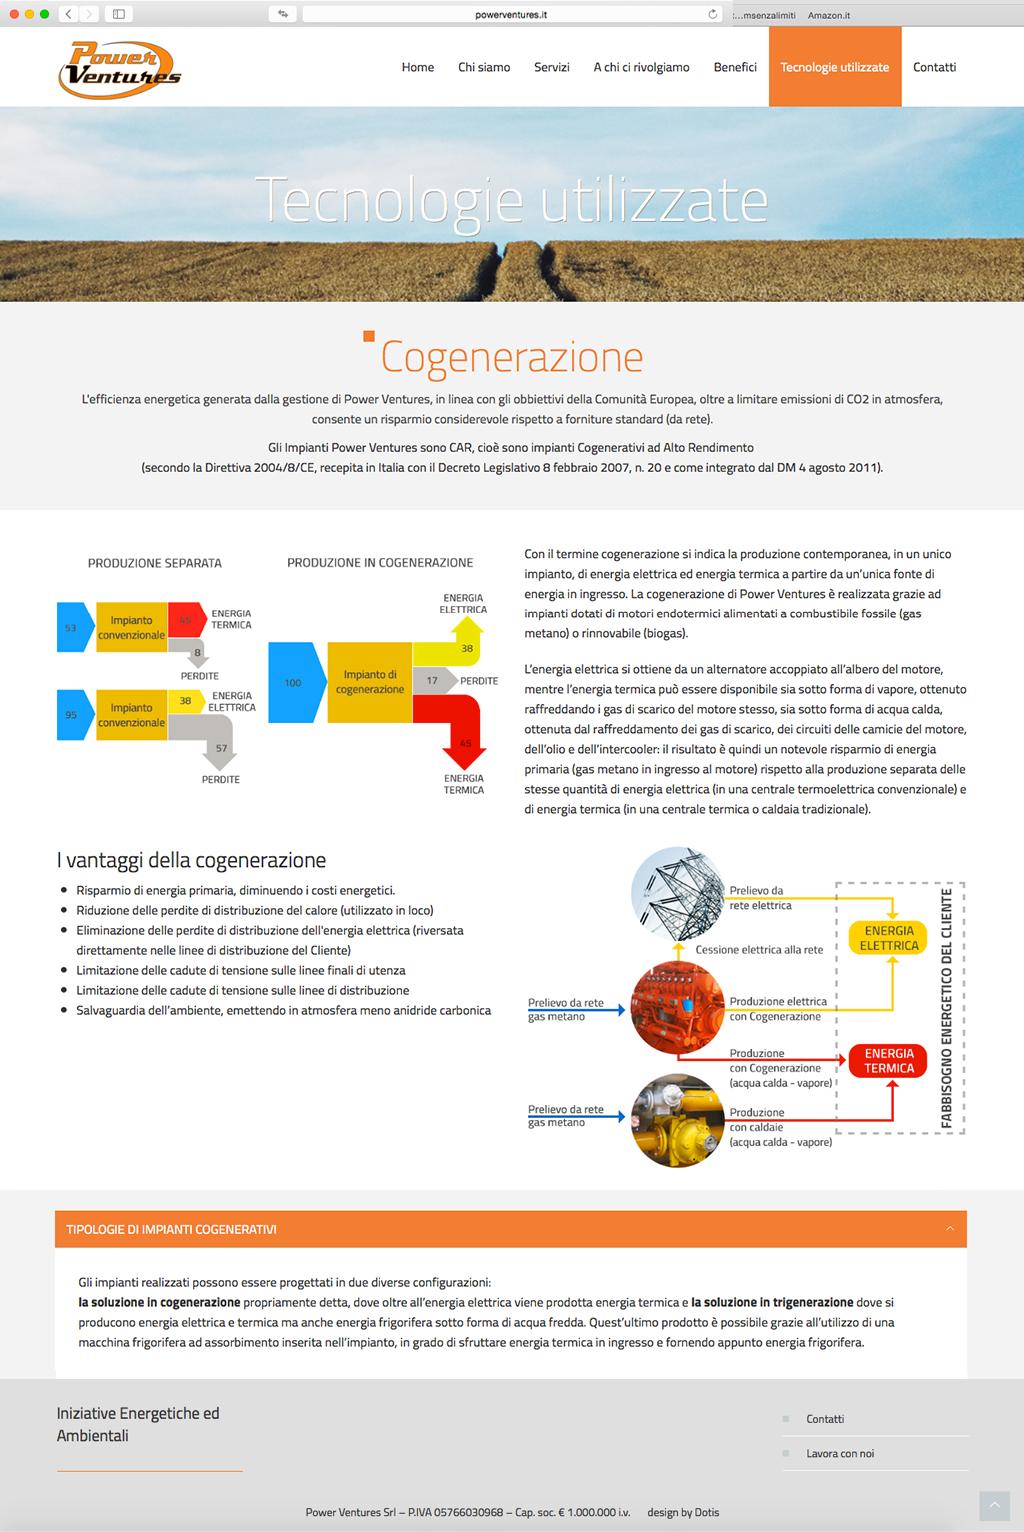 Dotis - PowerVentures: Progettazione e sviluppo sito web in 2 lingue, indicizzazione, seo